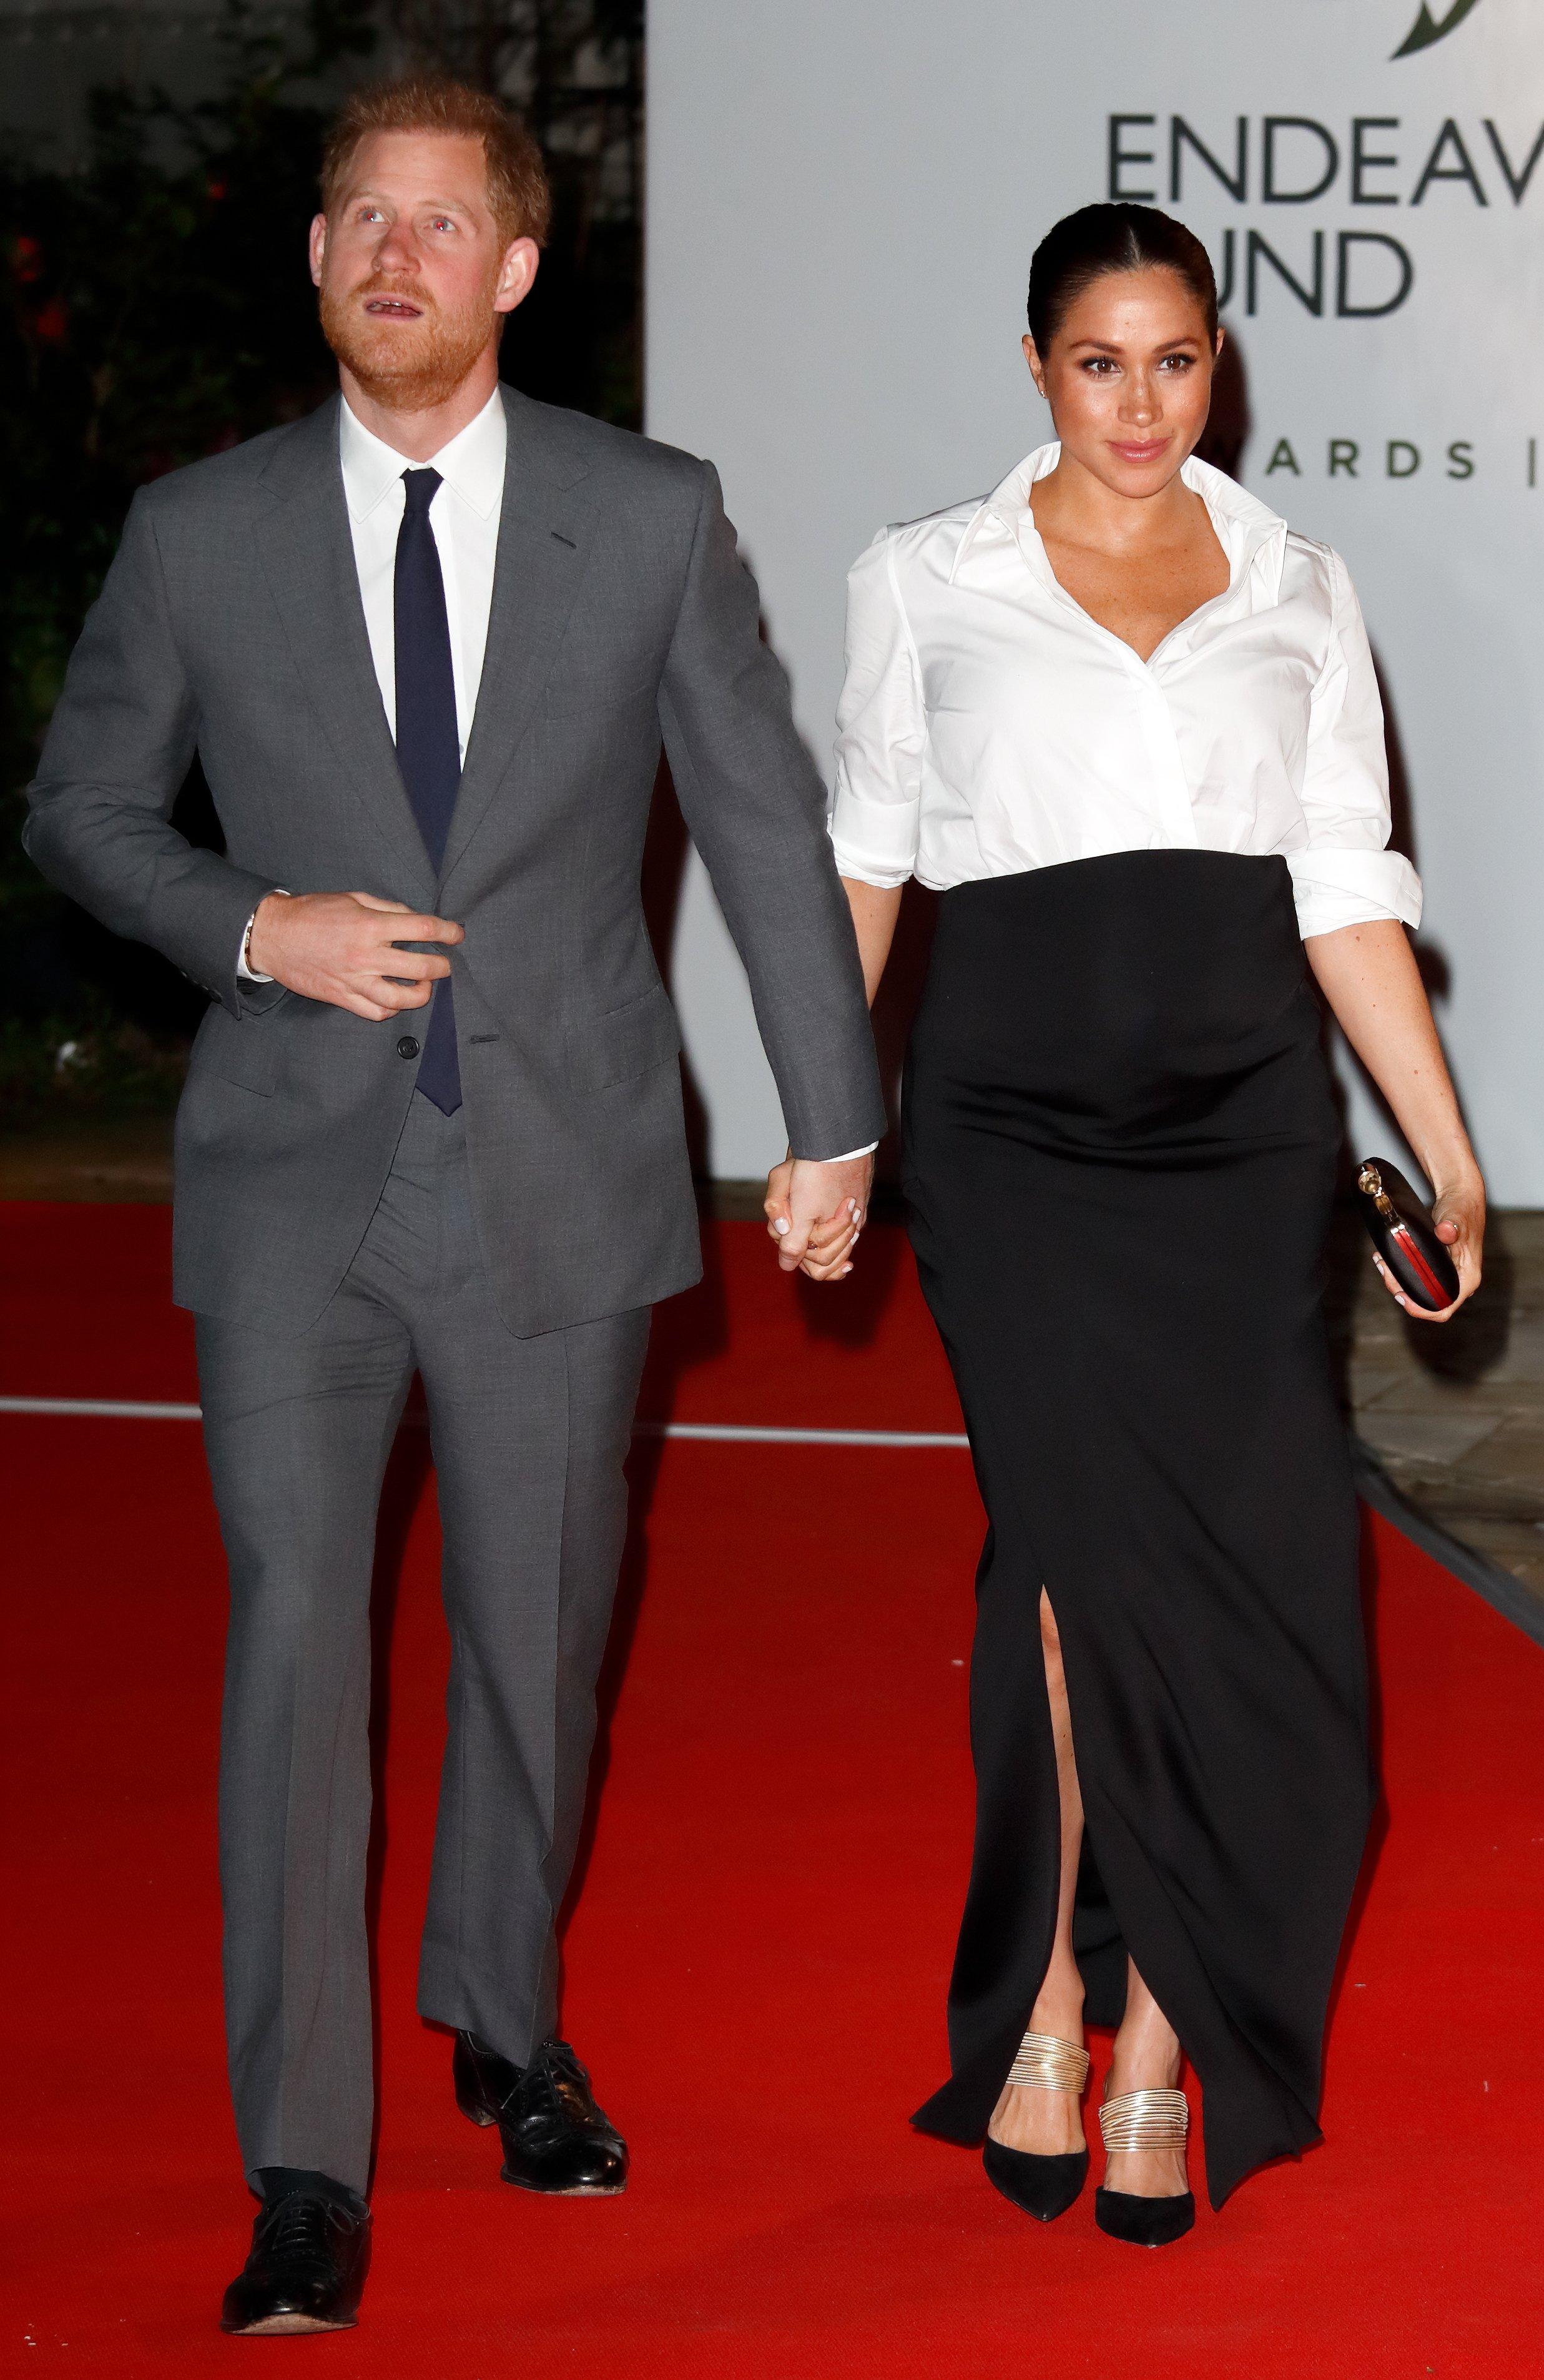 Herzogin Meghan Markle und Prinz Harry - Quelle: Getty Images